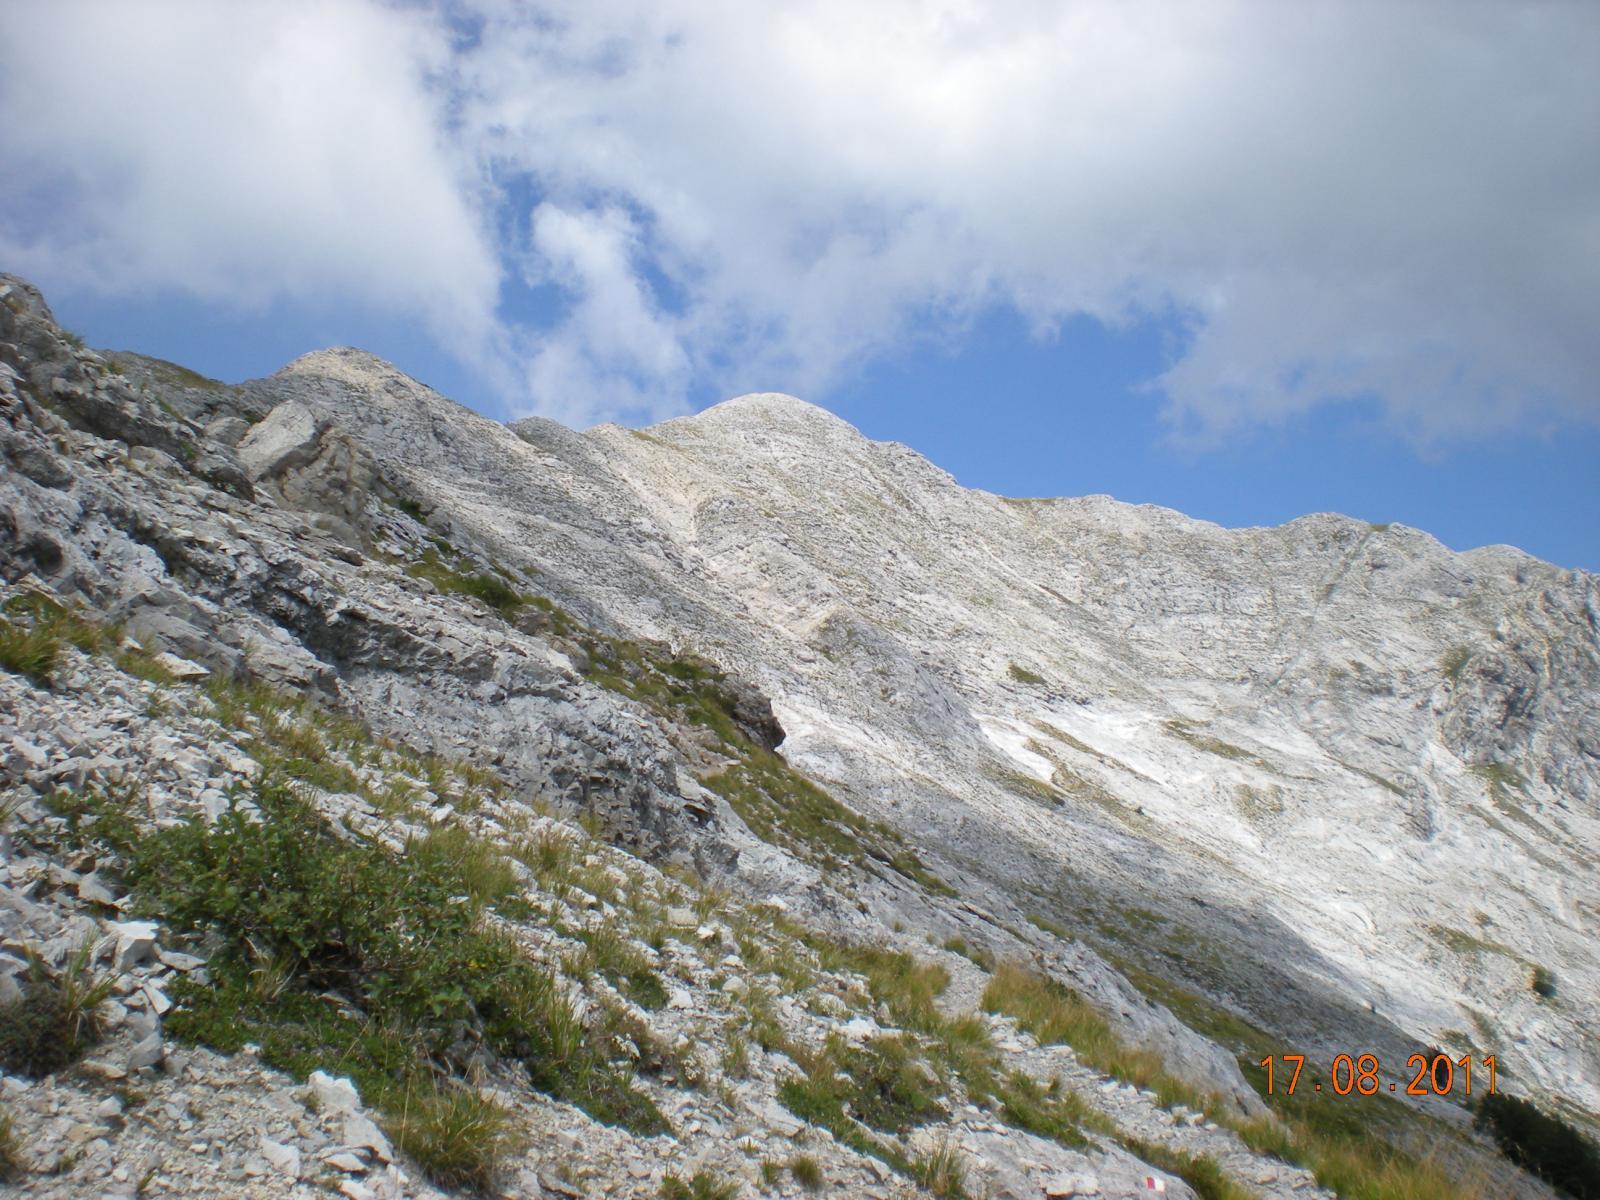 l'arida cresta sud del Monte Tambura